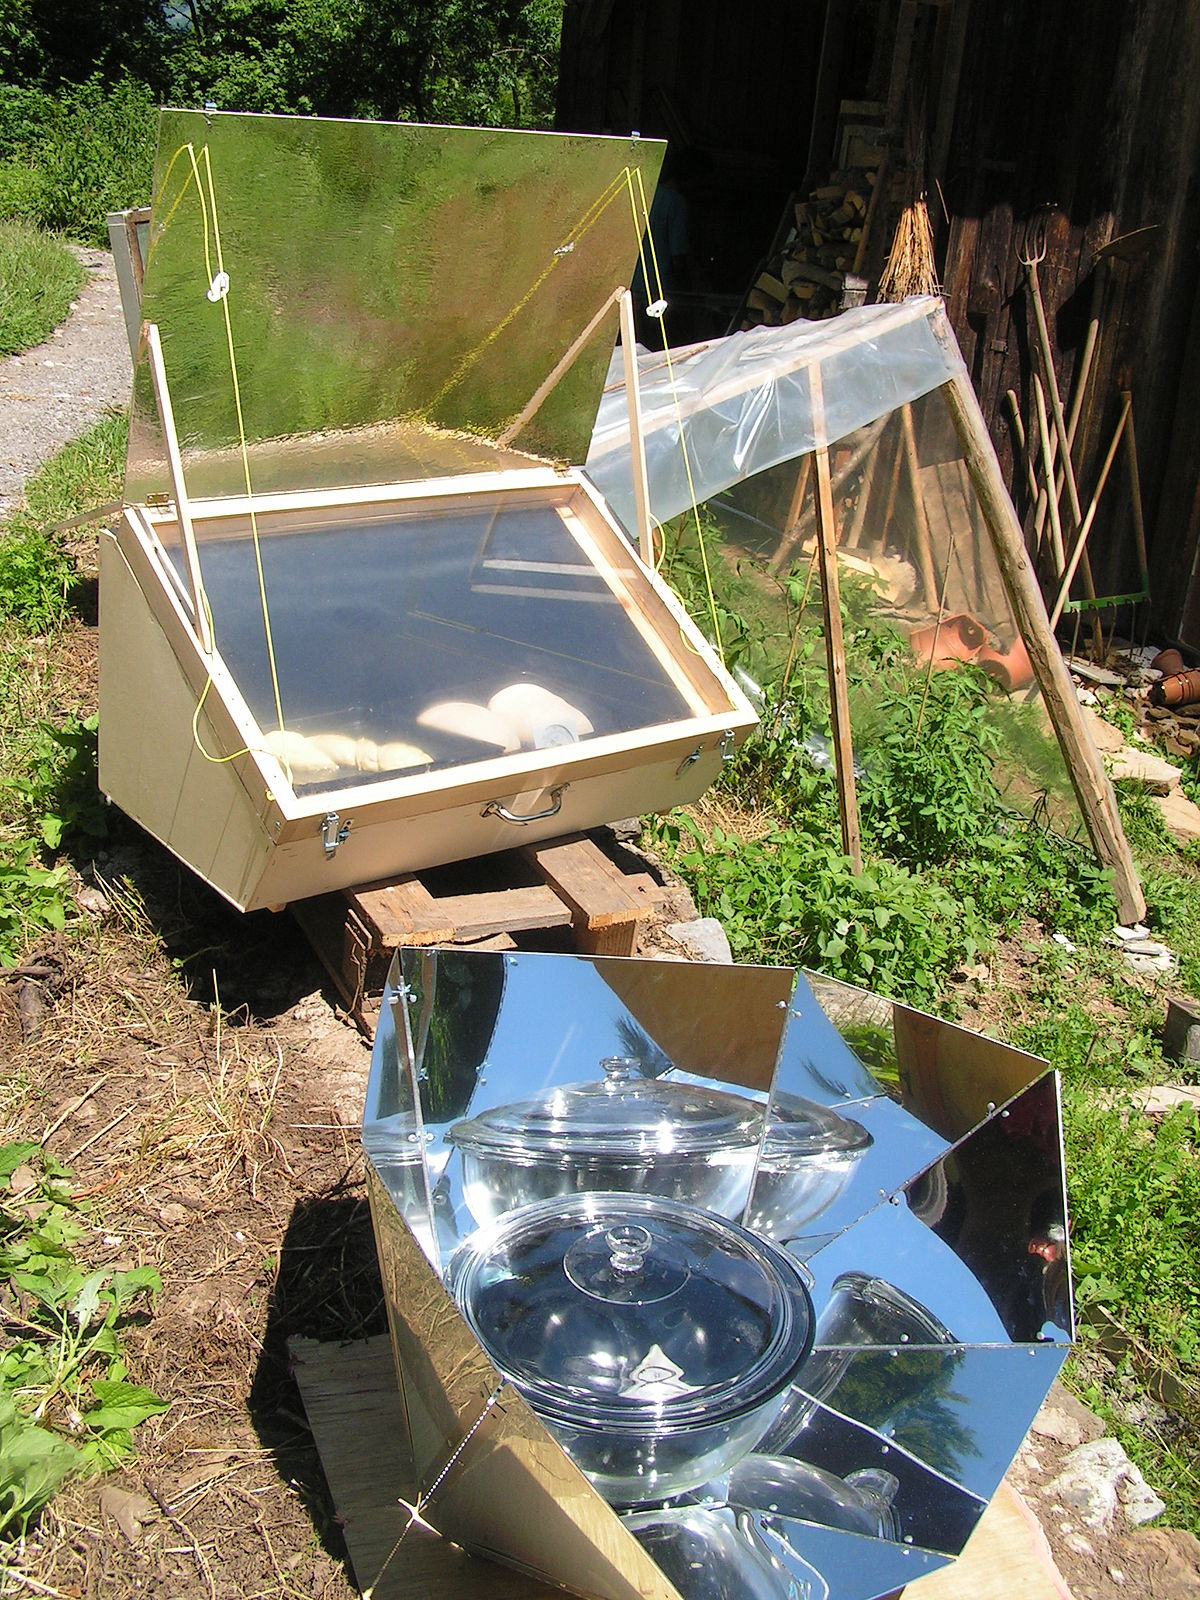 Cocina solar - Wikipedia, la enciclopedia libre